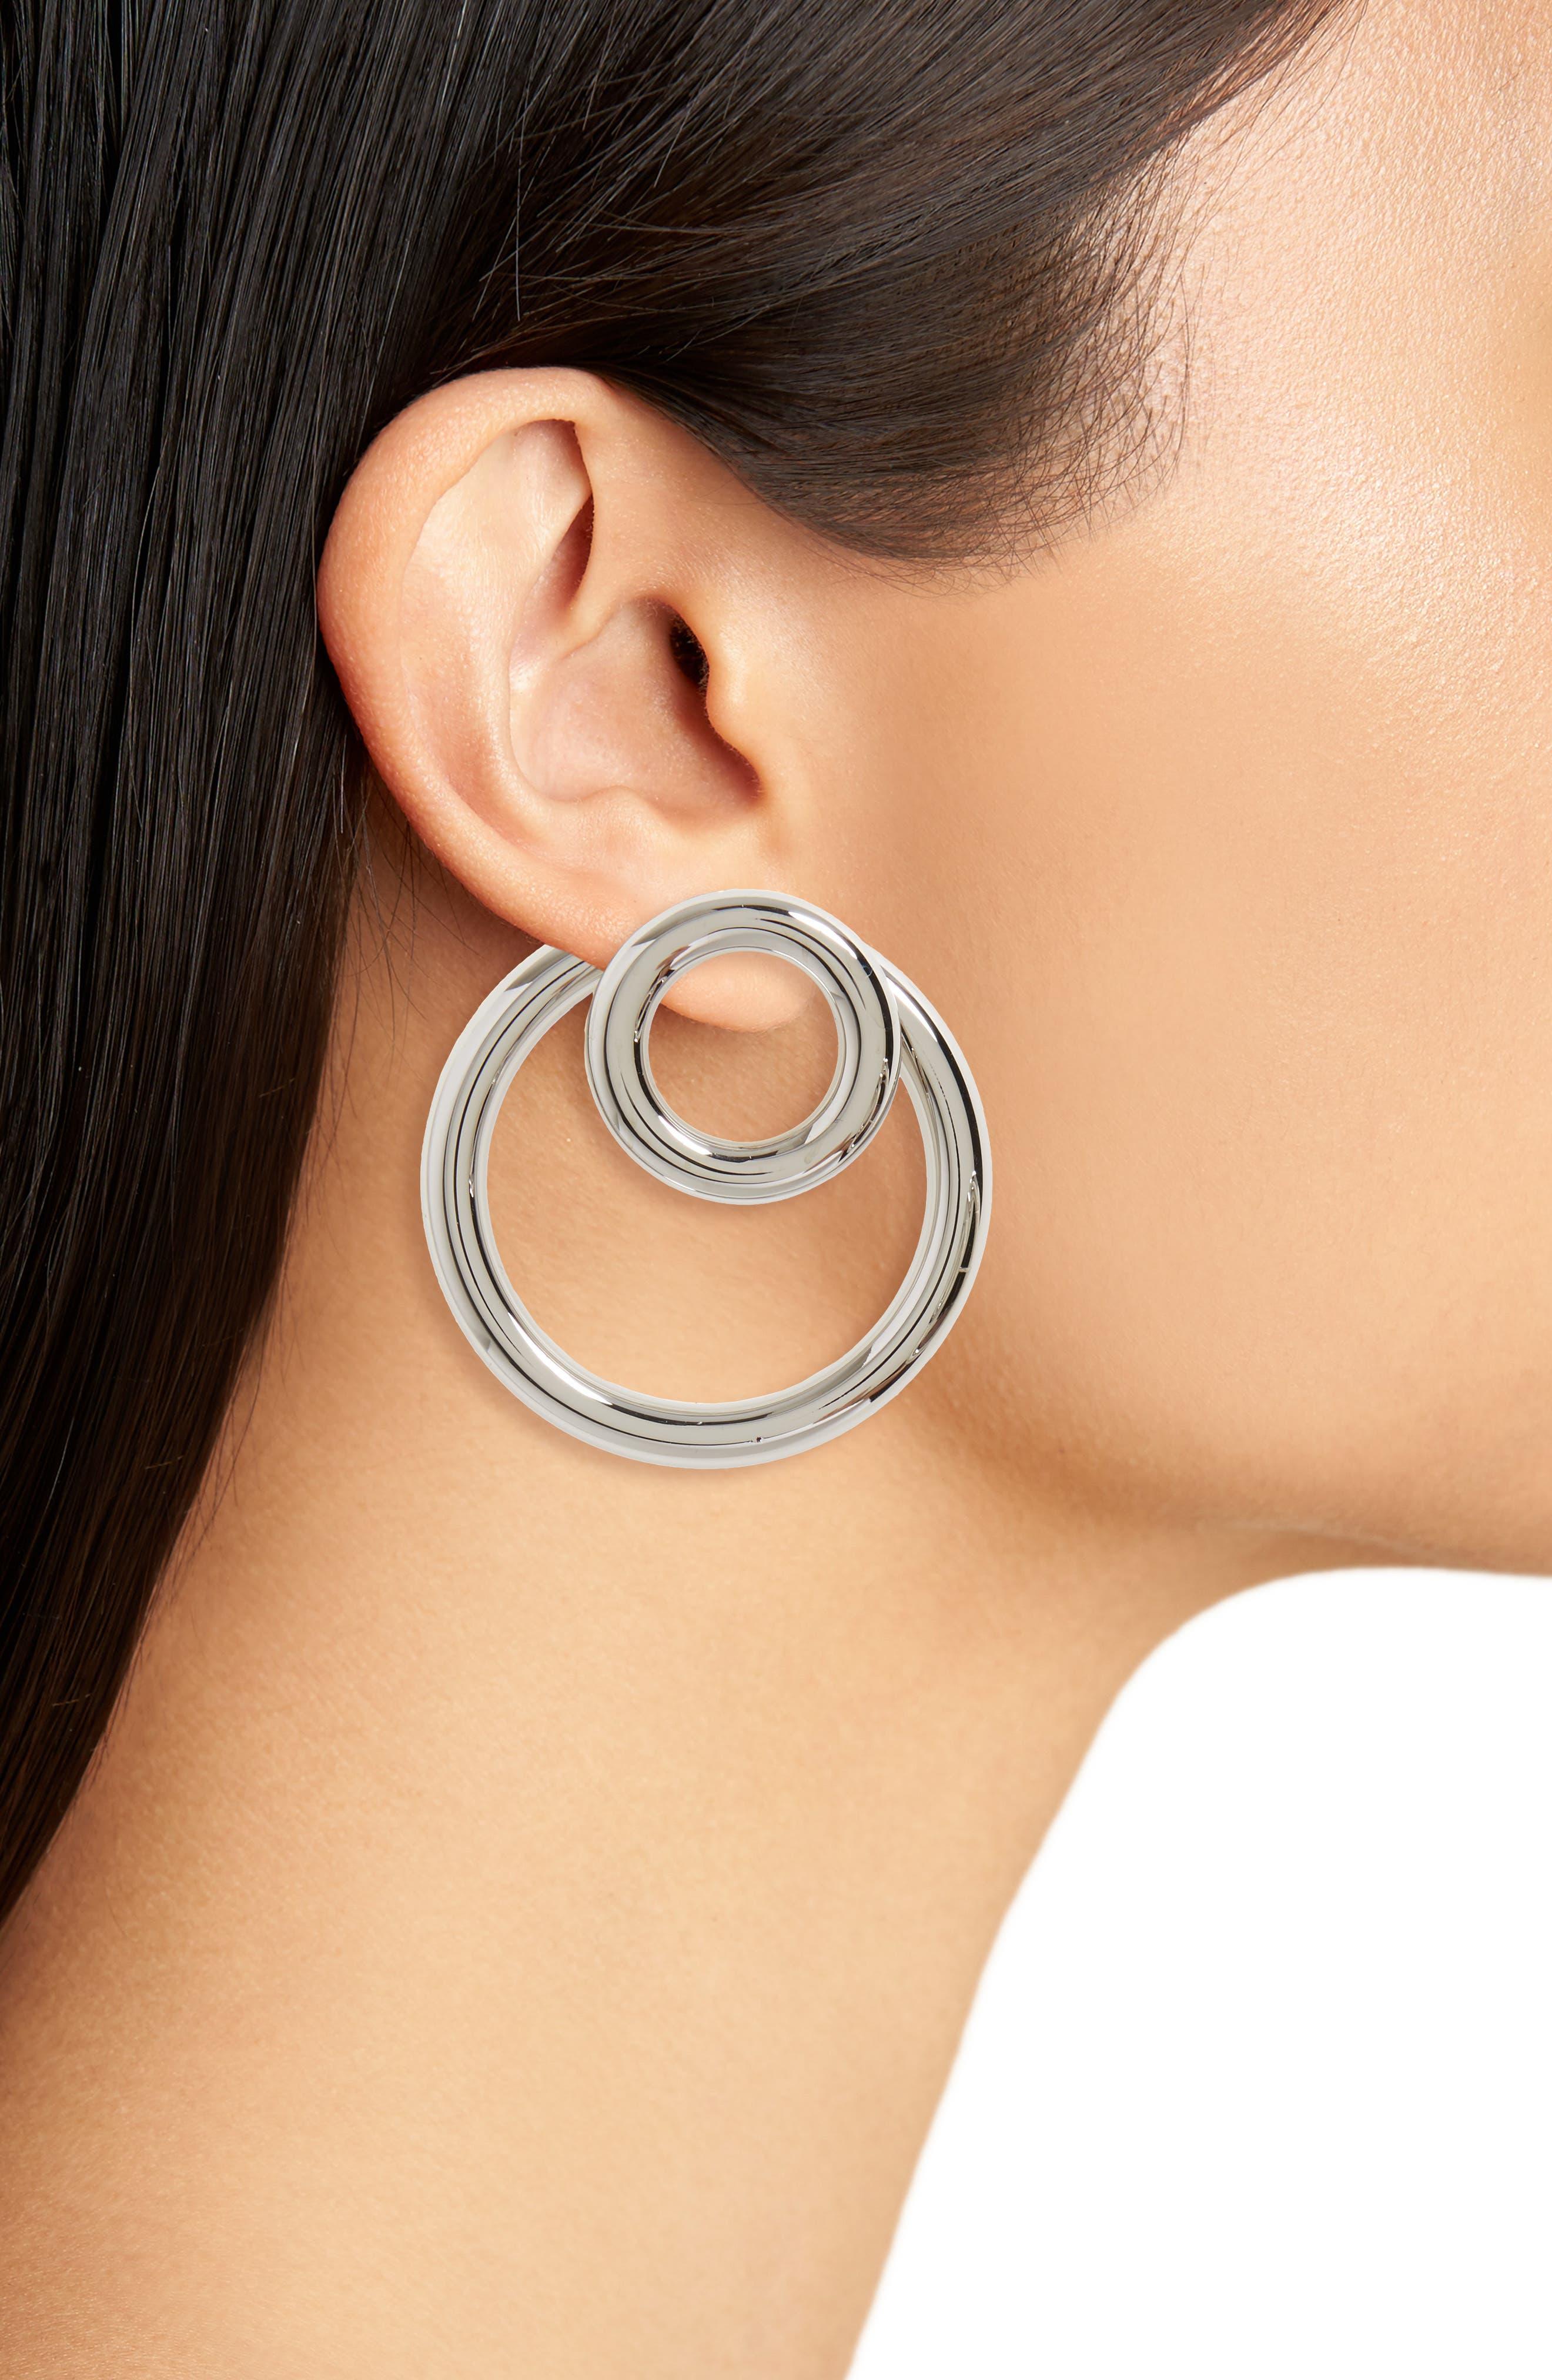 Double-O Earrings,                             Alternate thumbnail 2, color,                             GOLD TONE